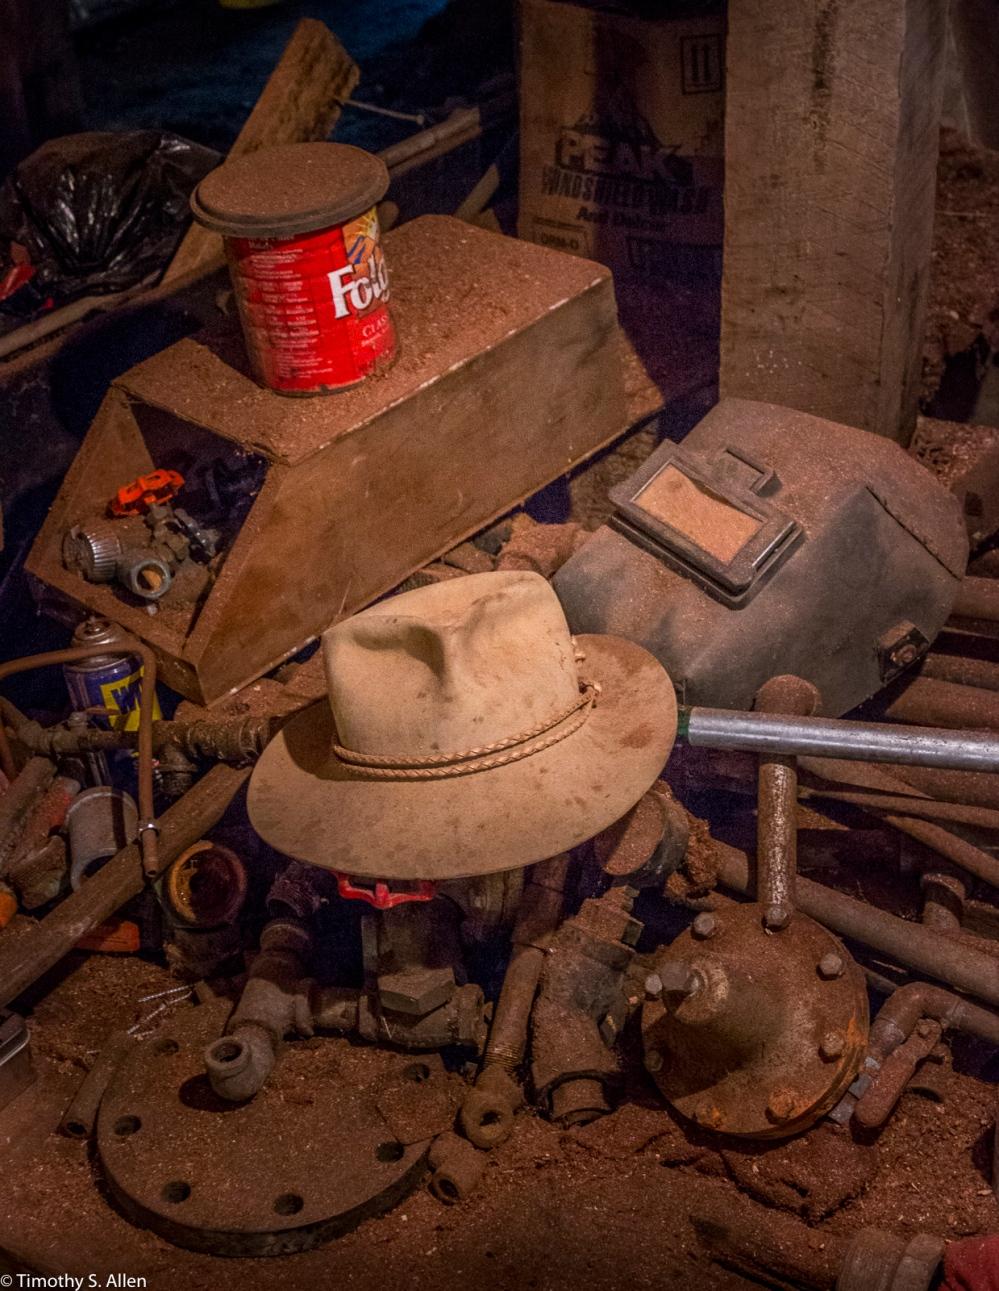 Workbench at Sturgeon's Mill, Sebastopol, CA, U.S.A., October 15, 2016